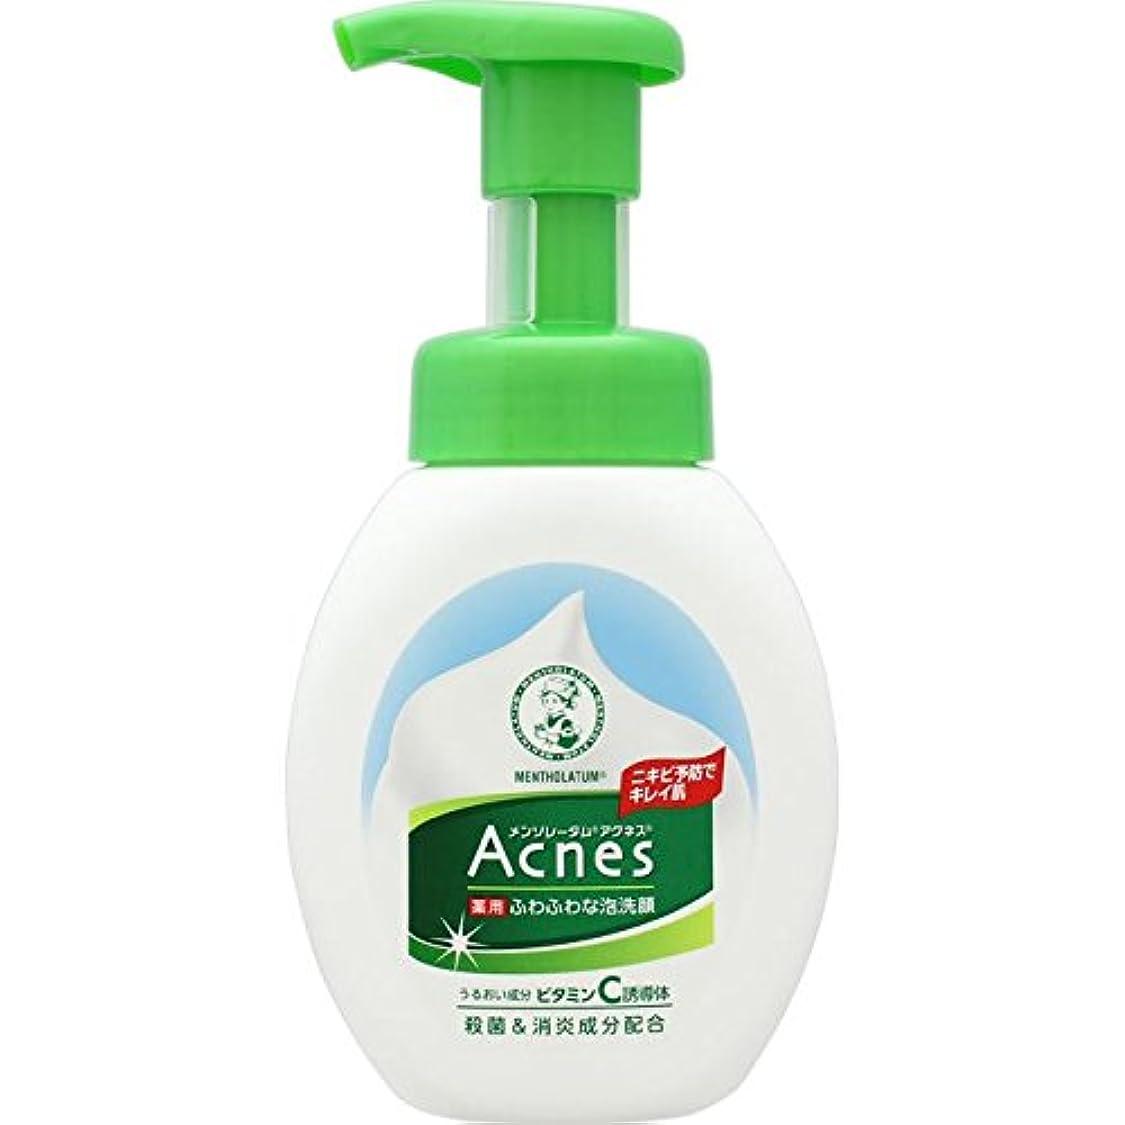 オーバーコート古いAcnes(アクネス) 薬用ふわふわな泡洗顔 160mL【医薬部外品】